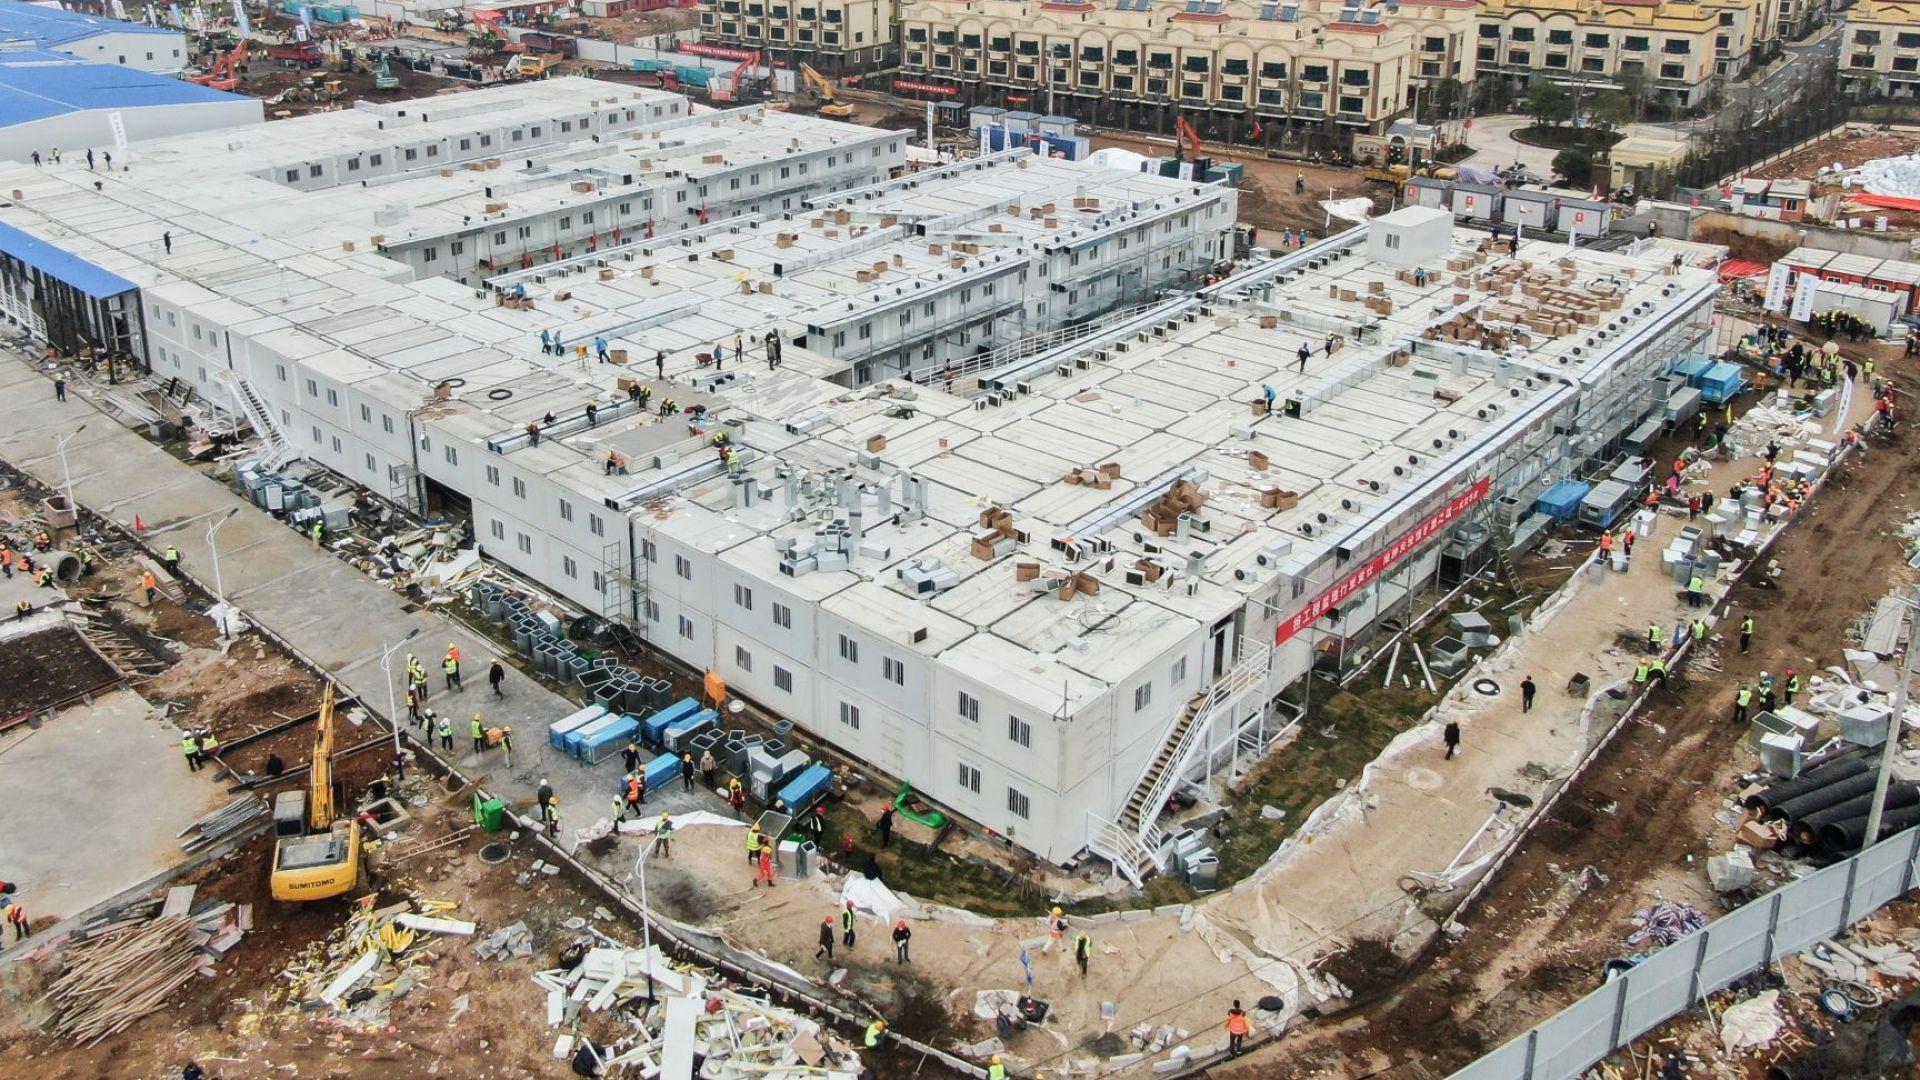 10 дни изминаха и новата болница в Ухан е построена (снимки)